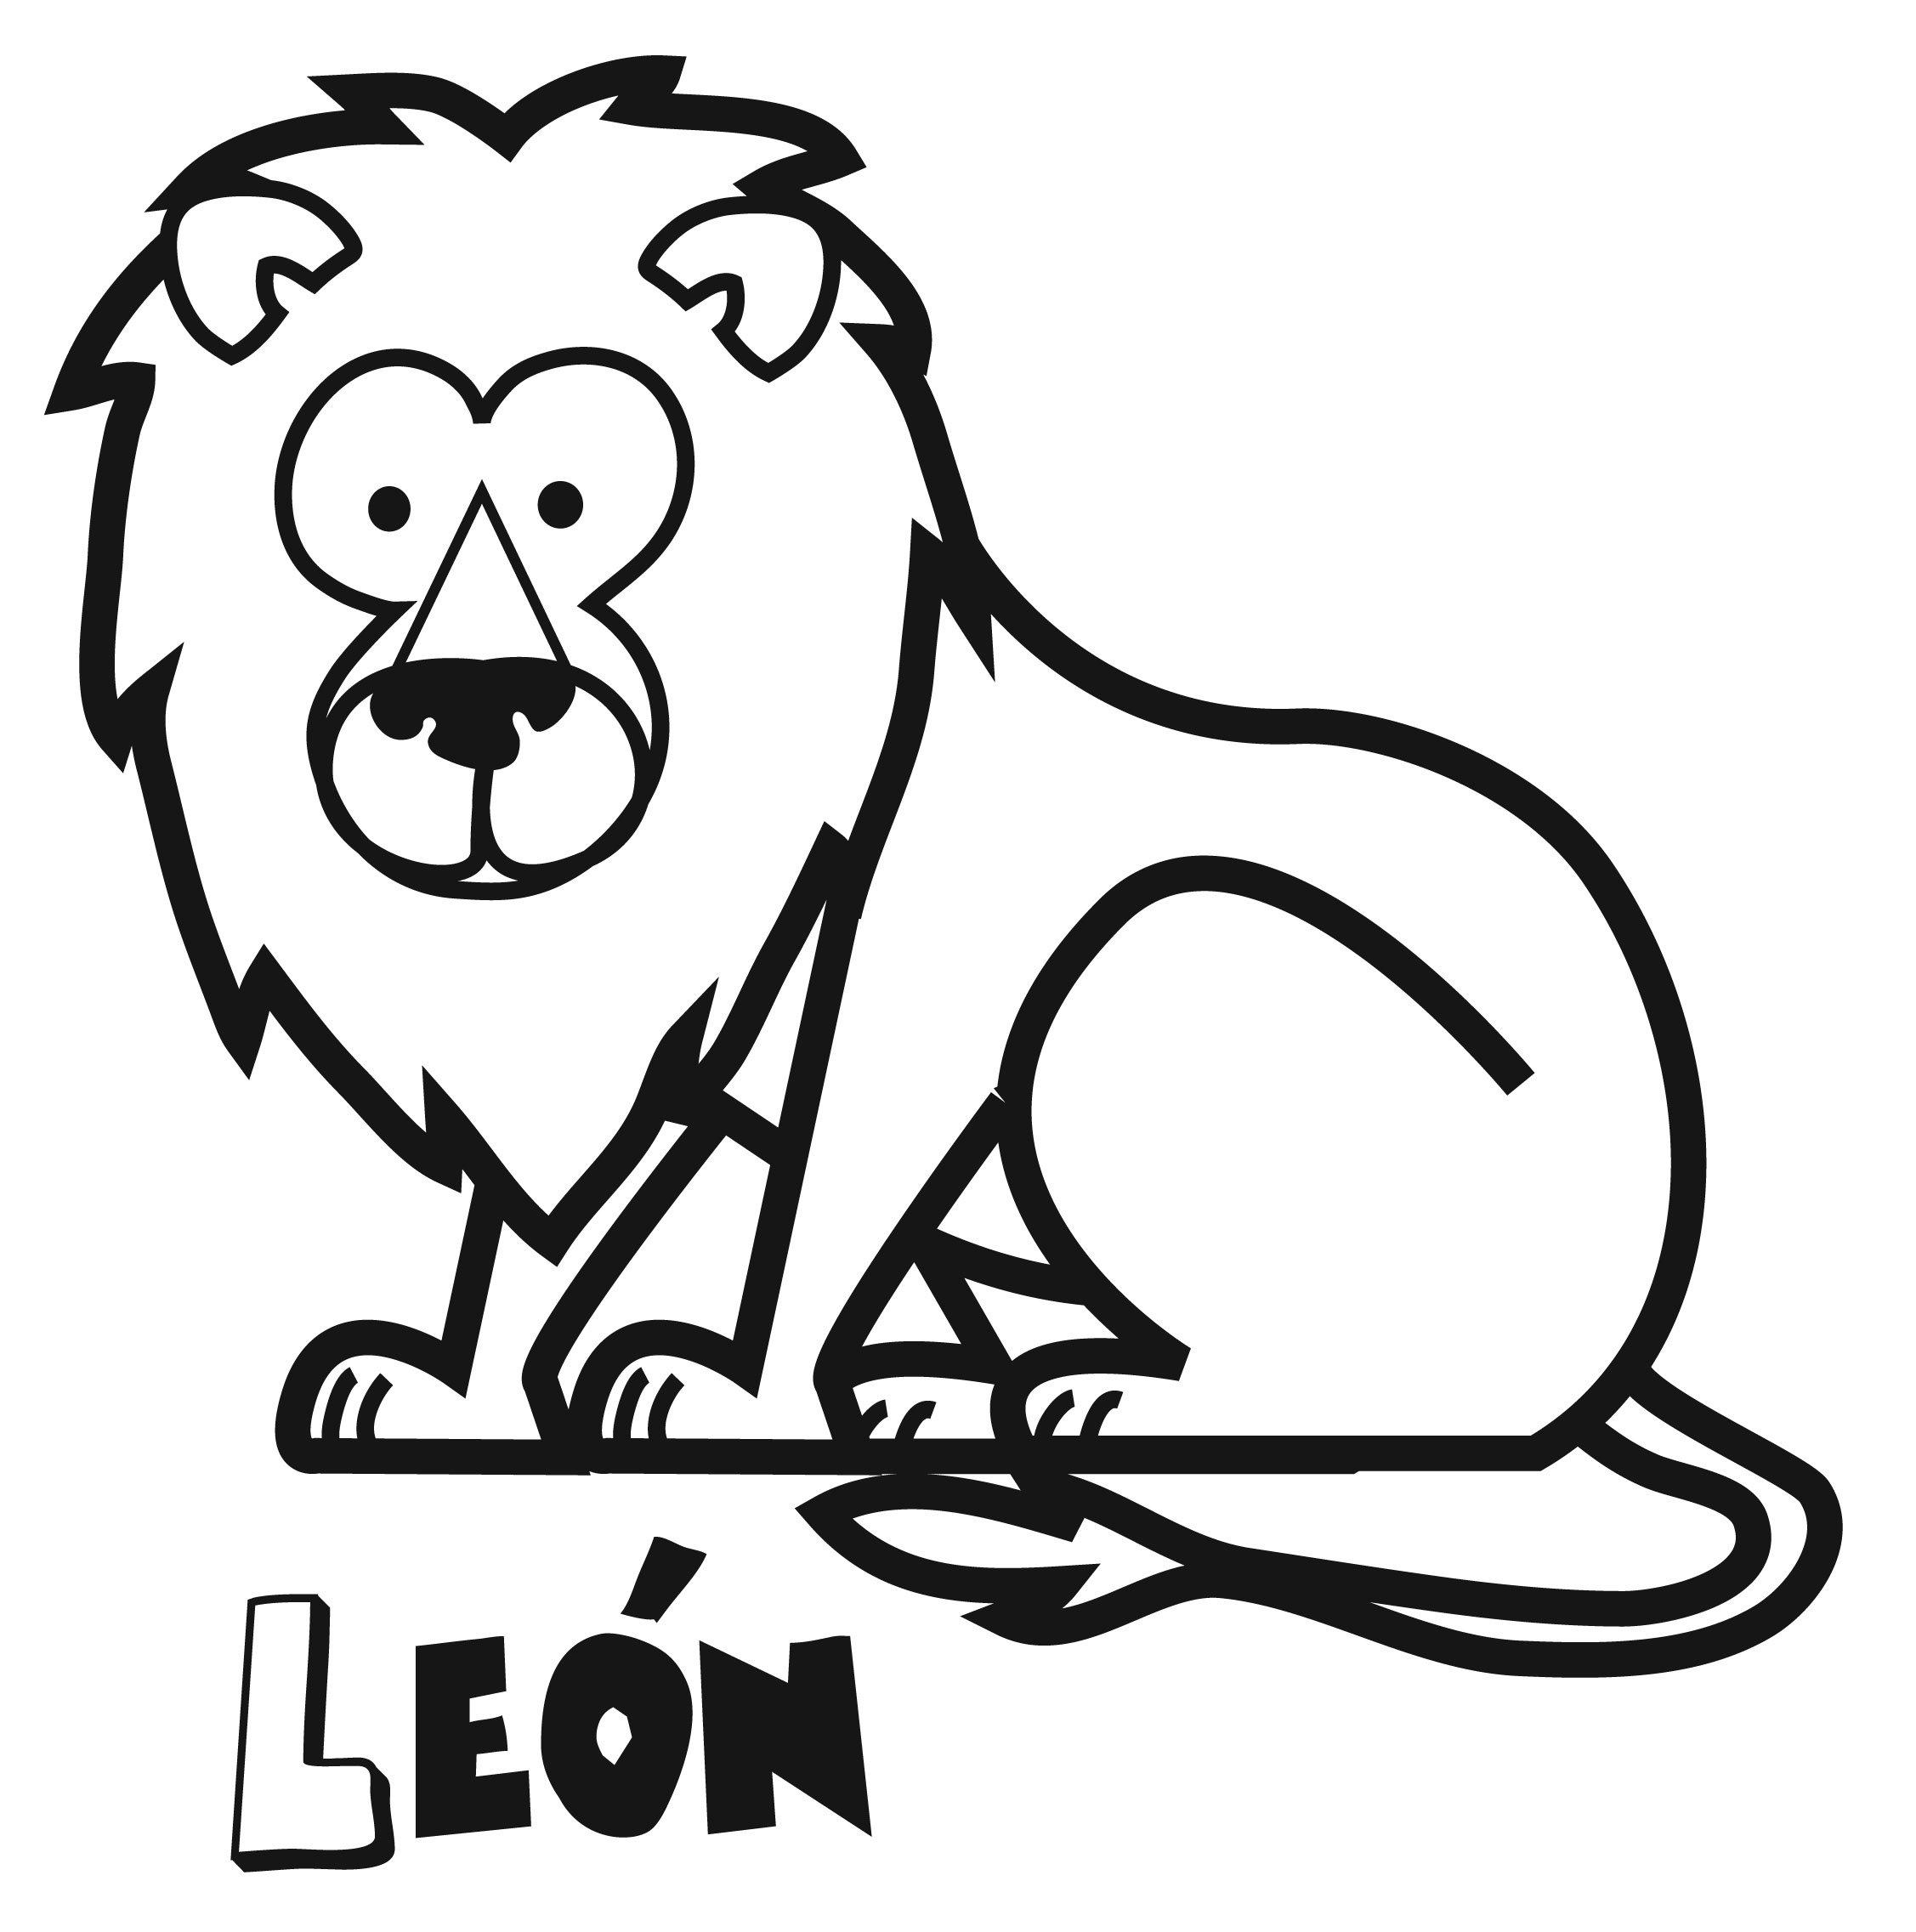 de león para imprimir y colorear. Dibujos de animales